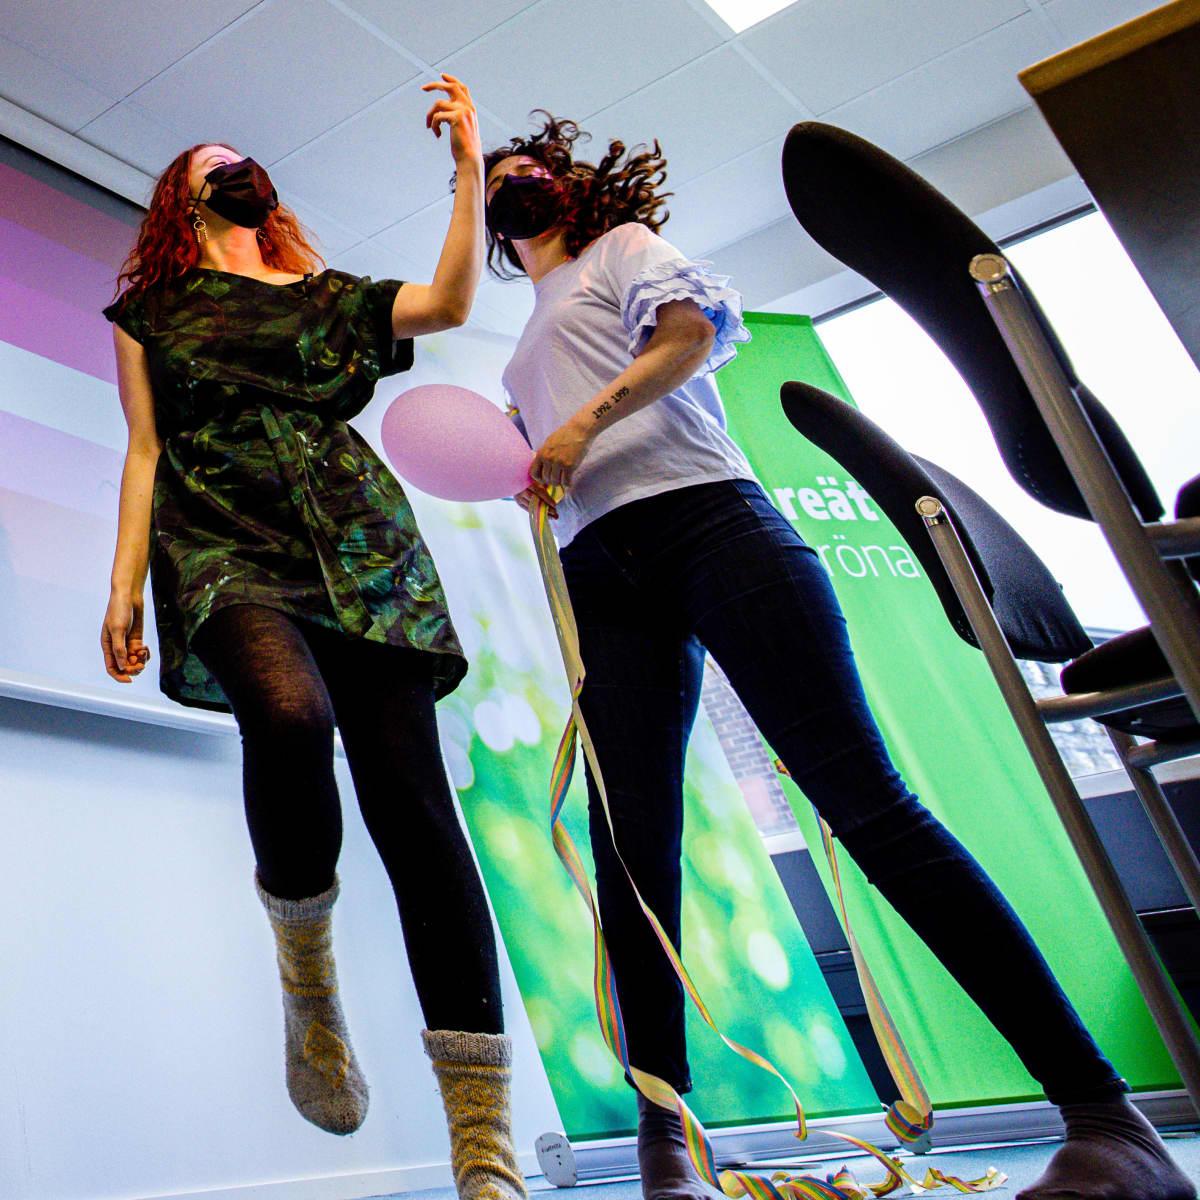 Vihreiden nuorten puheenjohtajat Peppi Seppälä ja Brigita Krasniqi ovat ensimmäistä kertaa ehdolla vaaleissa.  Vihreät panostavat kesäkuun kuntavaaleissa sekä perinteiseen että some-mainontaan enemmän kuin koskaan.